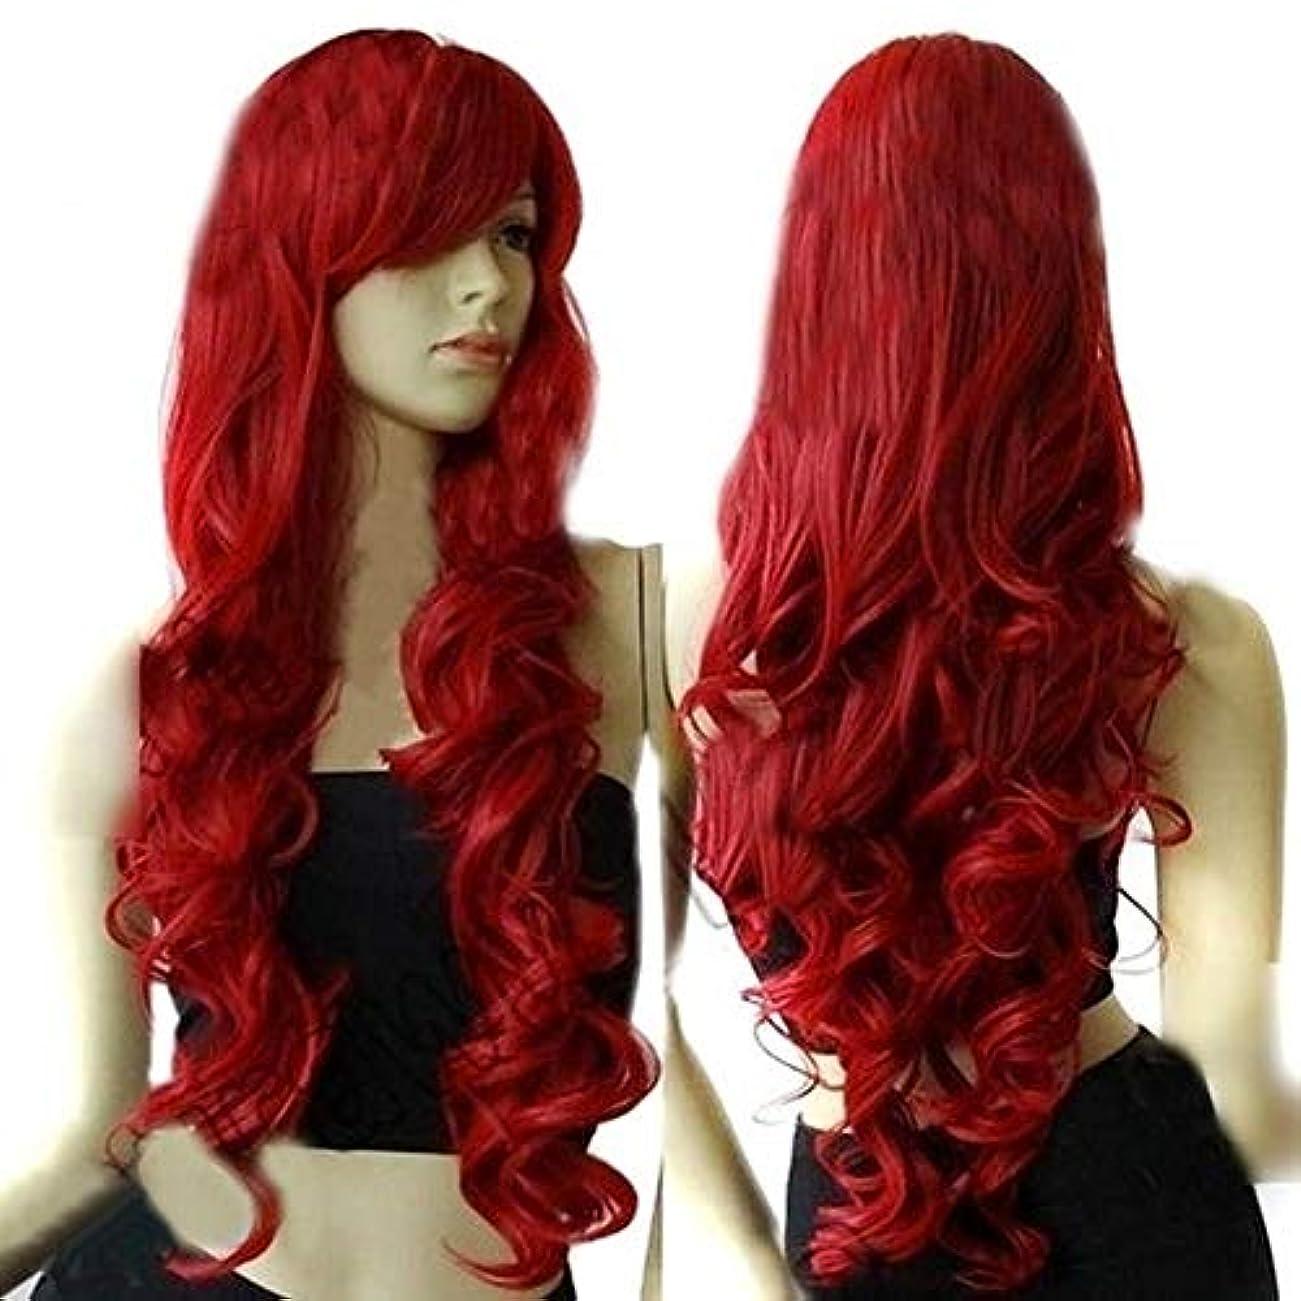 行為炎上プロポーショナルslQinjiansav女性ウィッグ修理ツールファッション女性ロングカーリーワイン赤ウィッグコスプレパーティーヘアピースヘアエクステンション